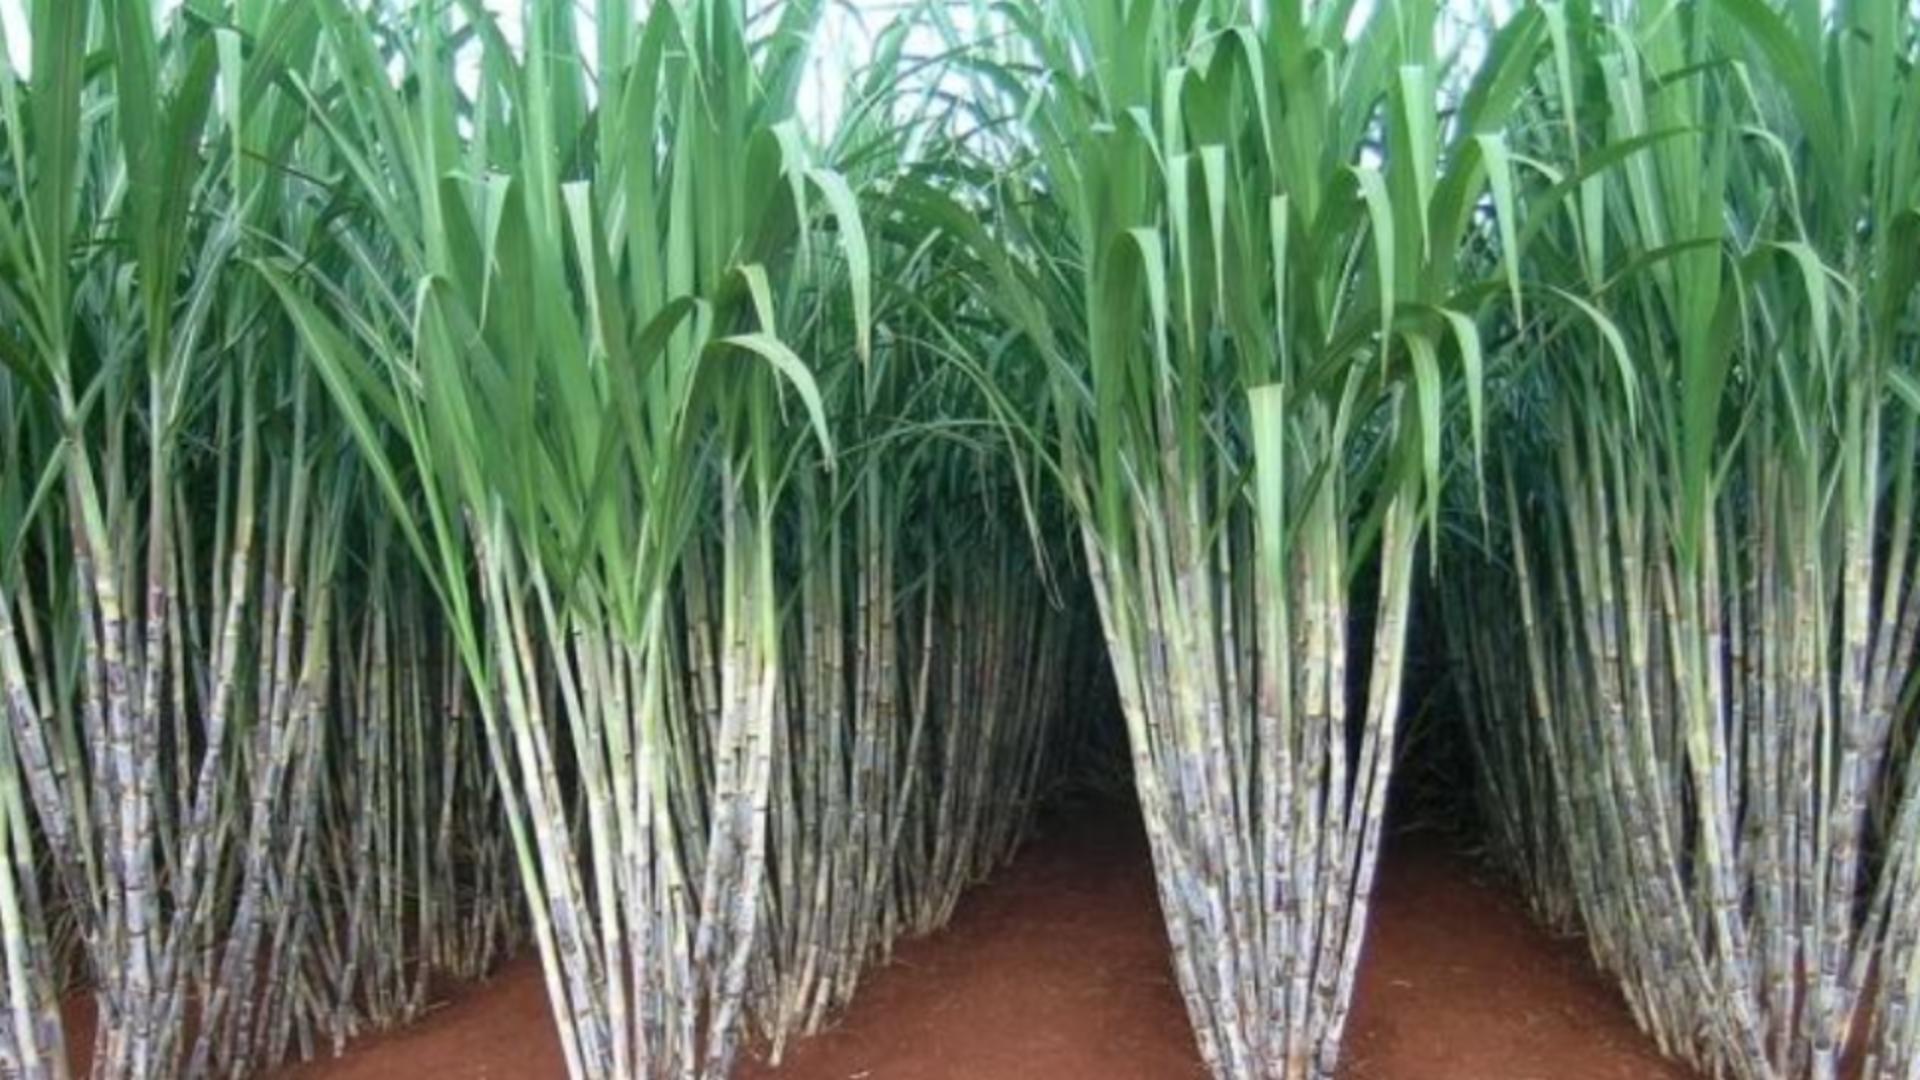 Plantație de tresei de zahăr în Brazilia